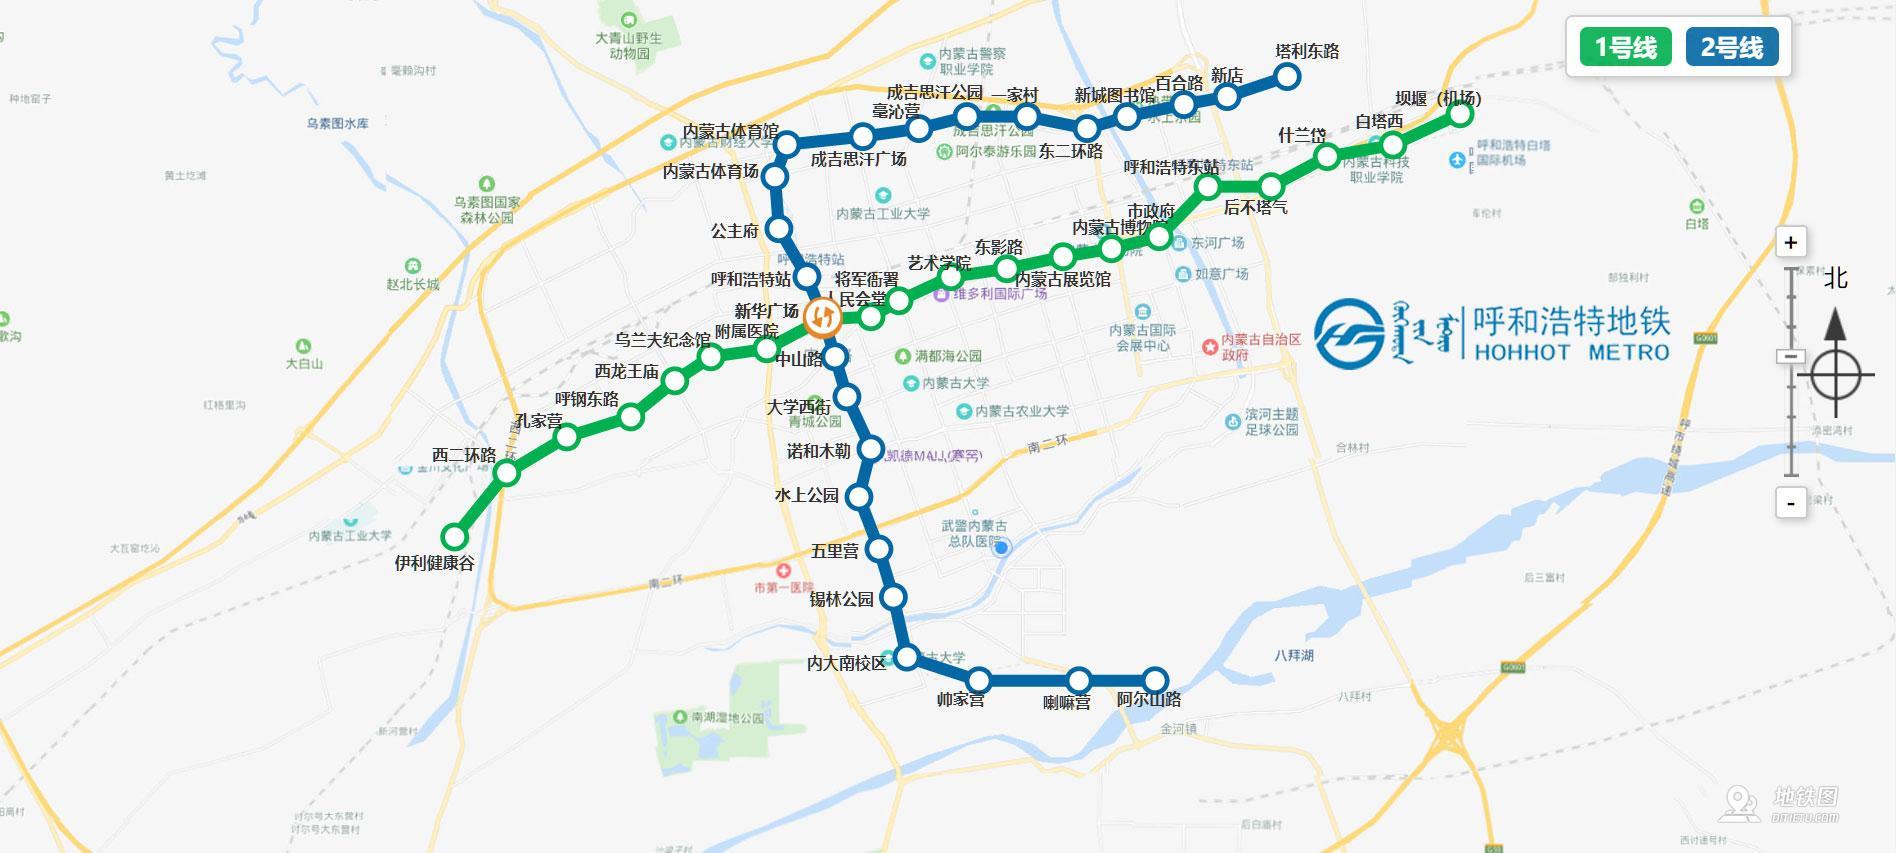 呼和浩特地铁线路图 运营时间票价站点 查询下载 呼和浩特地铁1号线查询 呼和浩特地铁1号线运营时间 呼和浩特地铁1号线线路图 呼和浩特地铁1号线 呼和浩特地铁一号线 呼和浩特地铁线路图  第1张